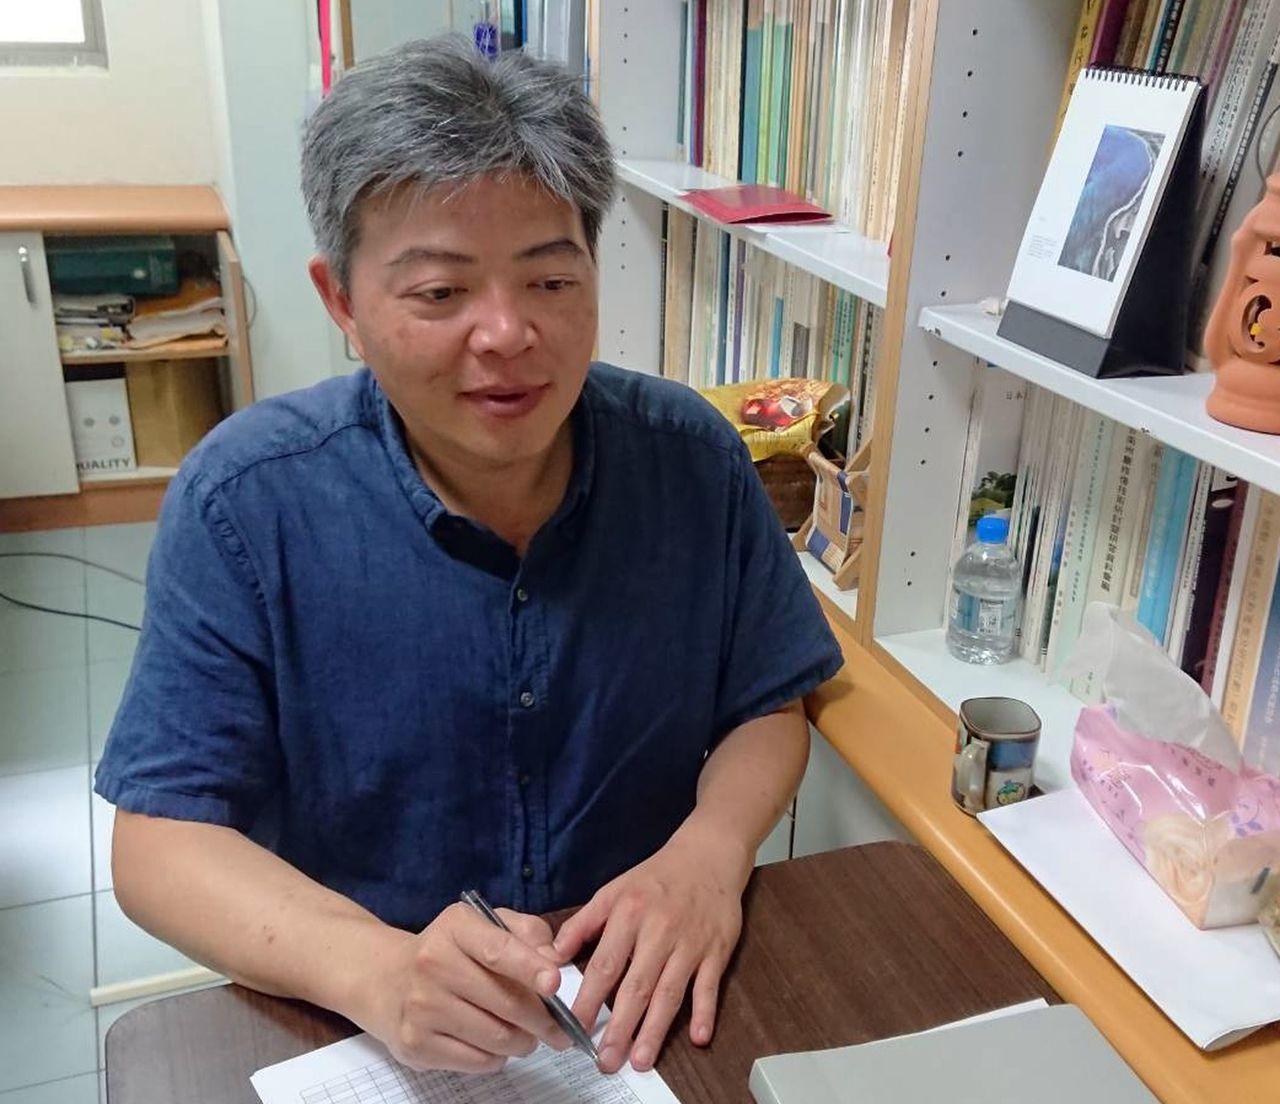 樹德科大室設系助理教授楊博淵認為,為防範準古蹟遭突襲式毀壞,建議進入判定作業程序...